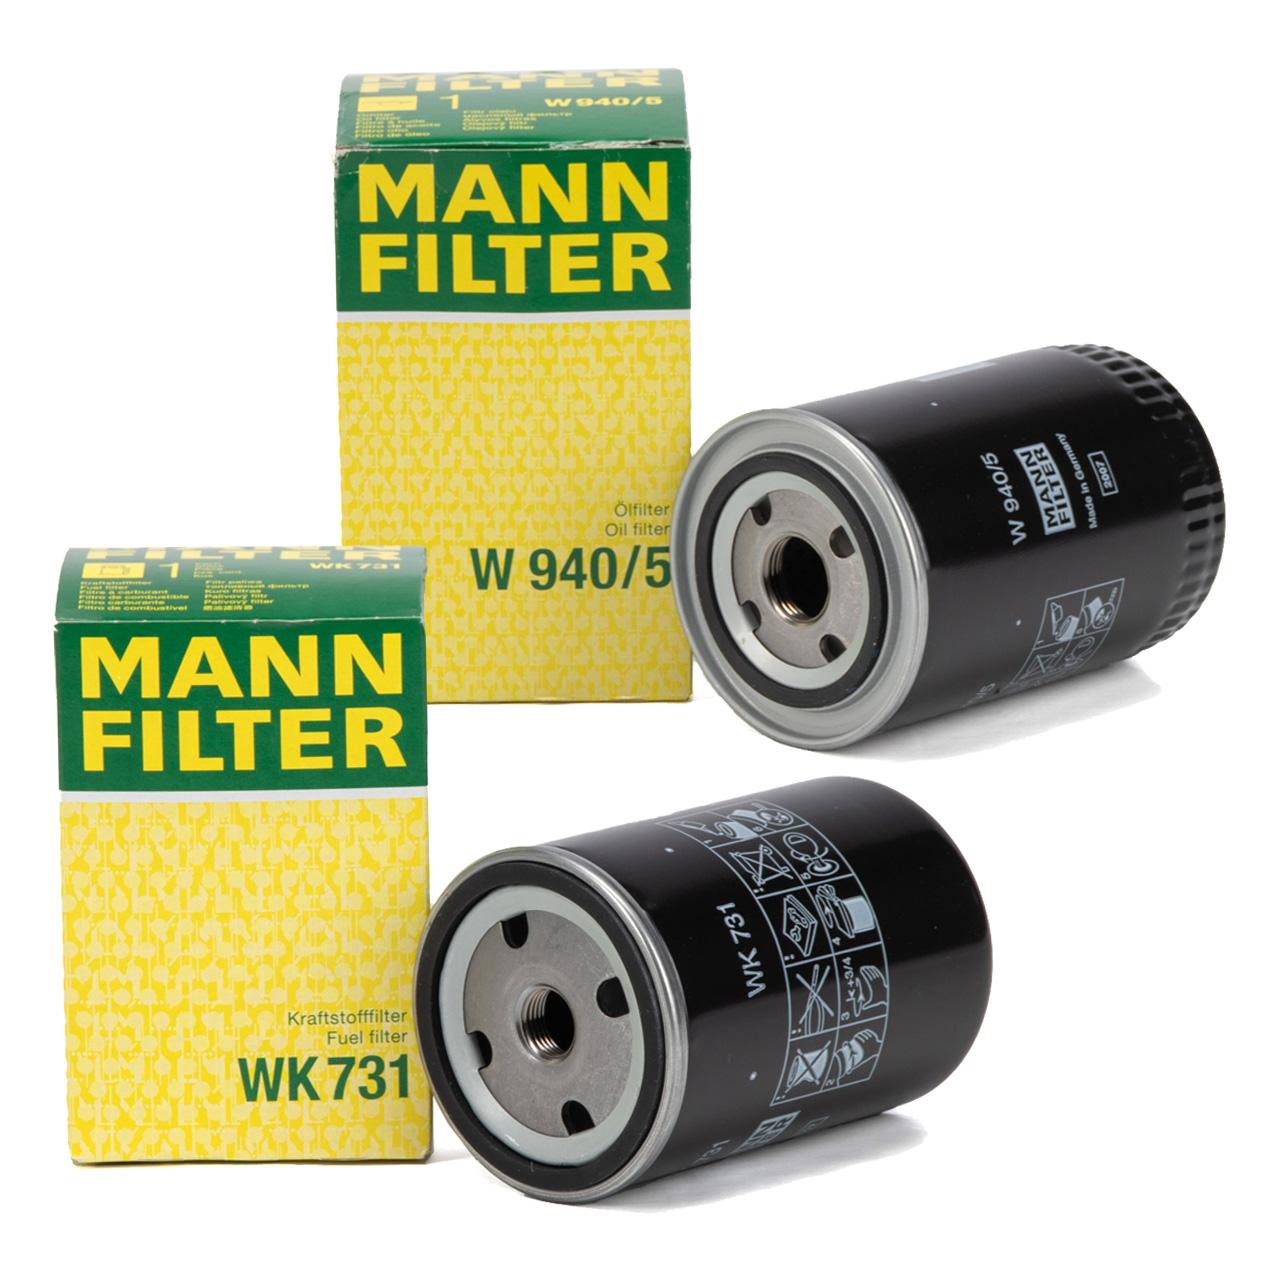 MANN WK731 + W940/5 Kraftstofffilter + Ölfilter Baumaschinen Traktor Mähdrescher